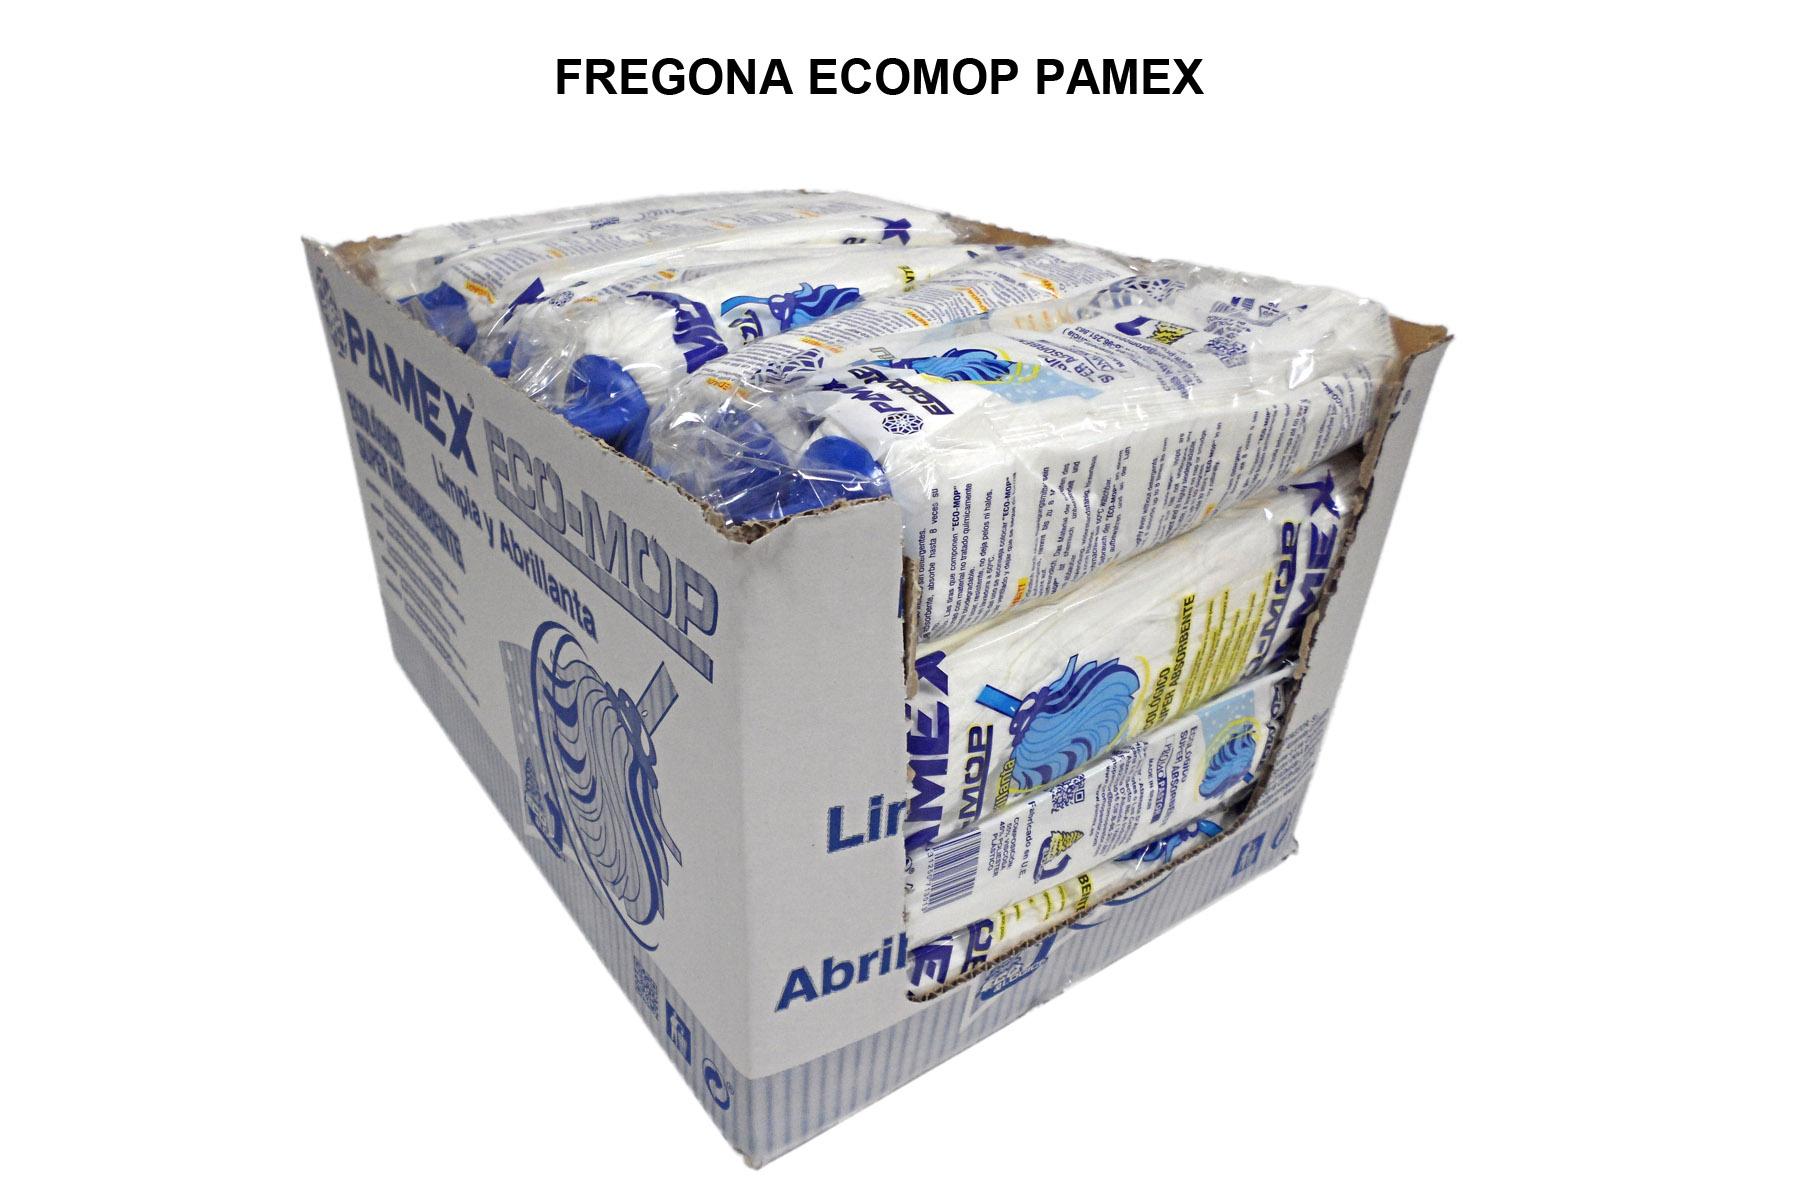 FREGONA ECOMOP PAMEX